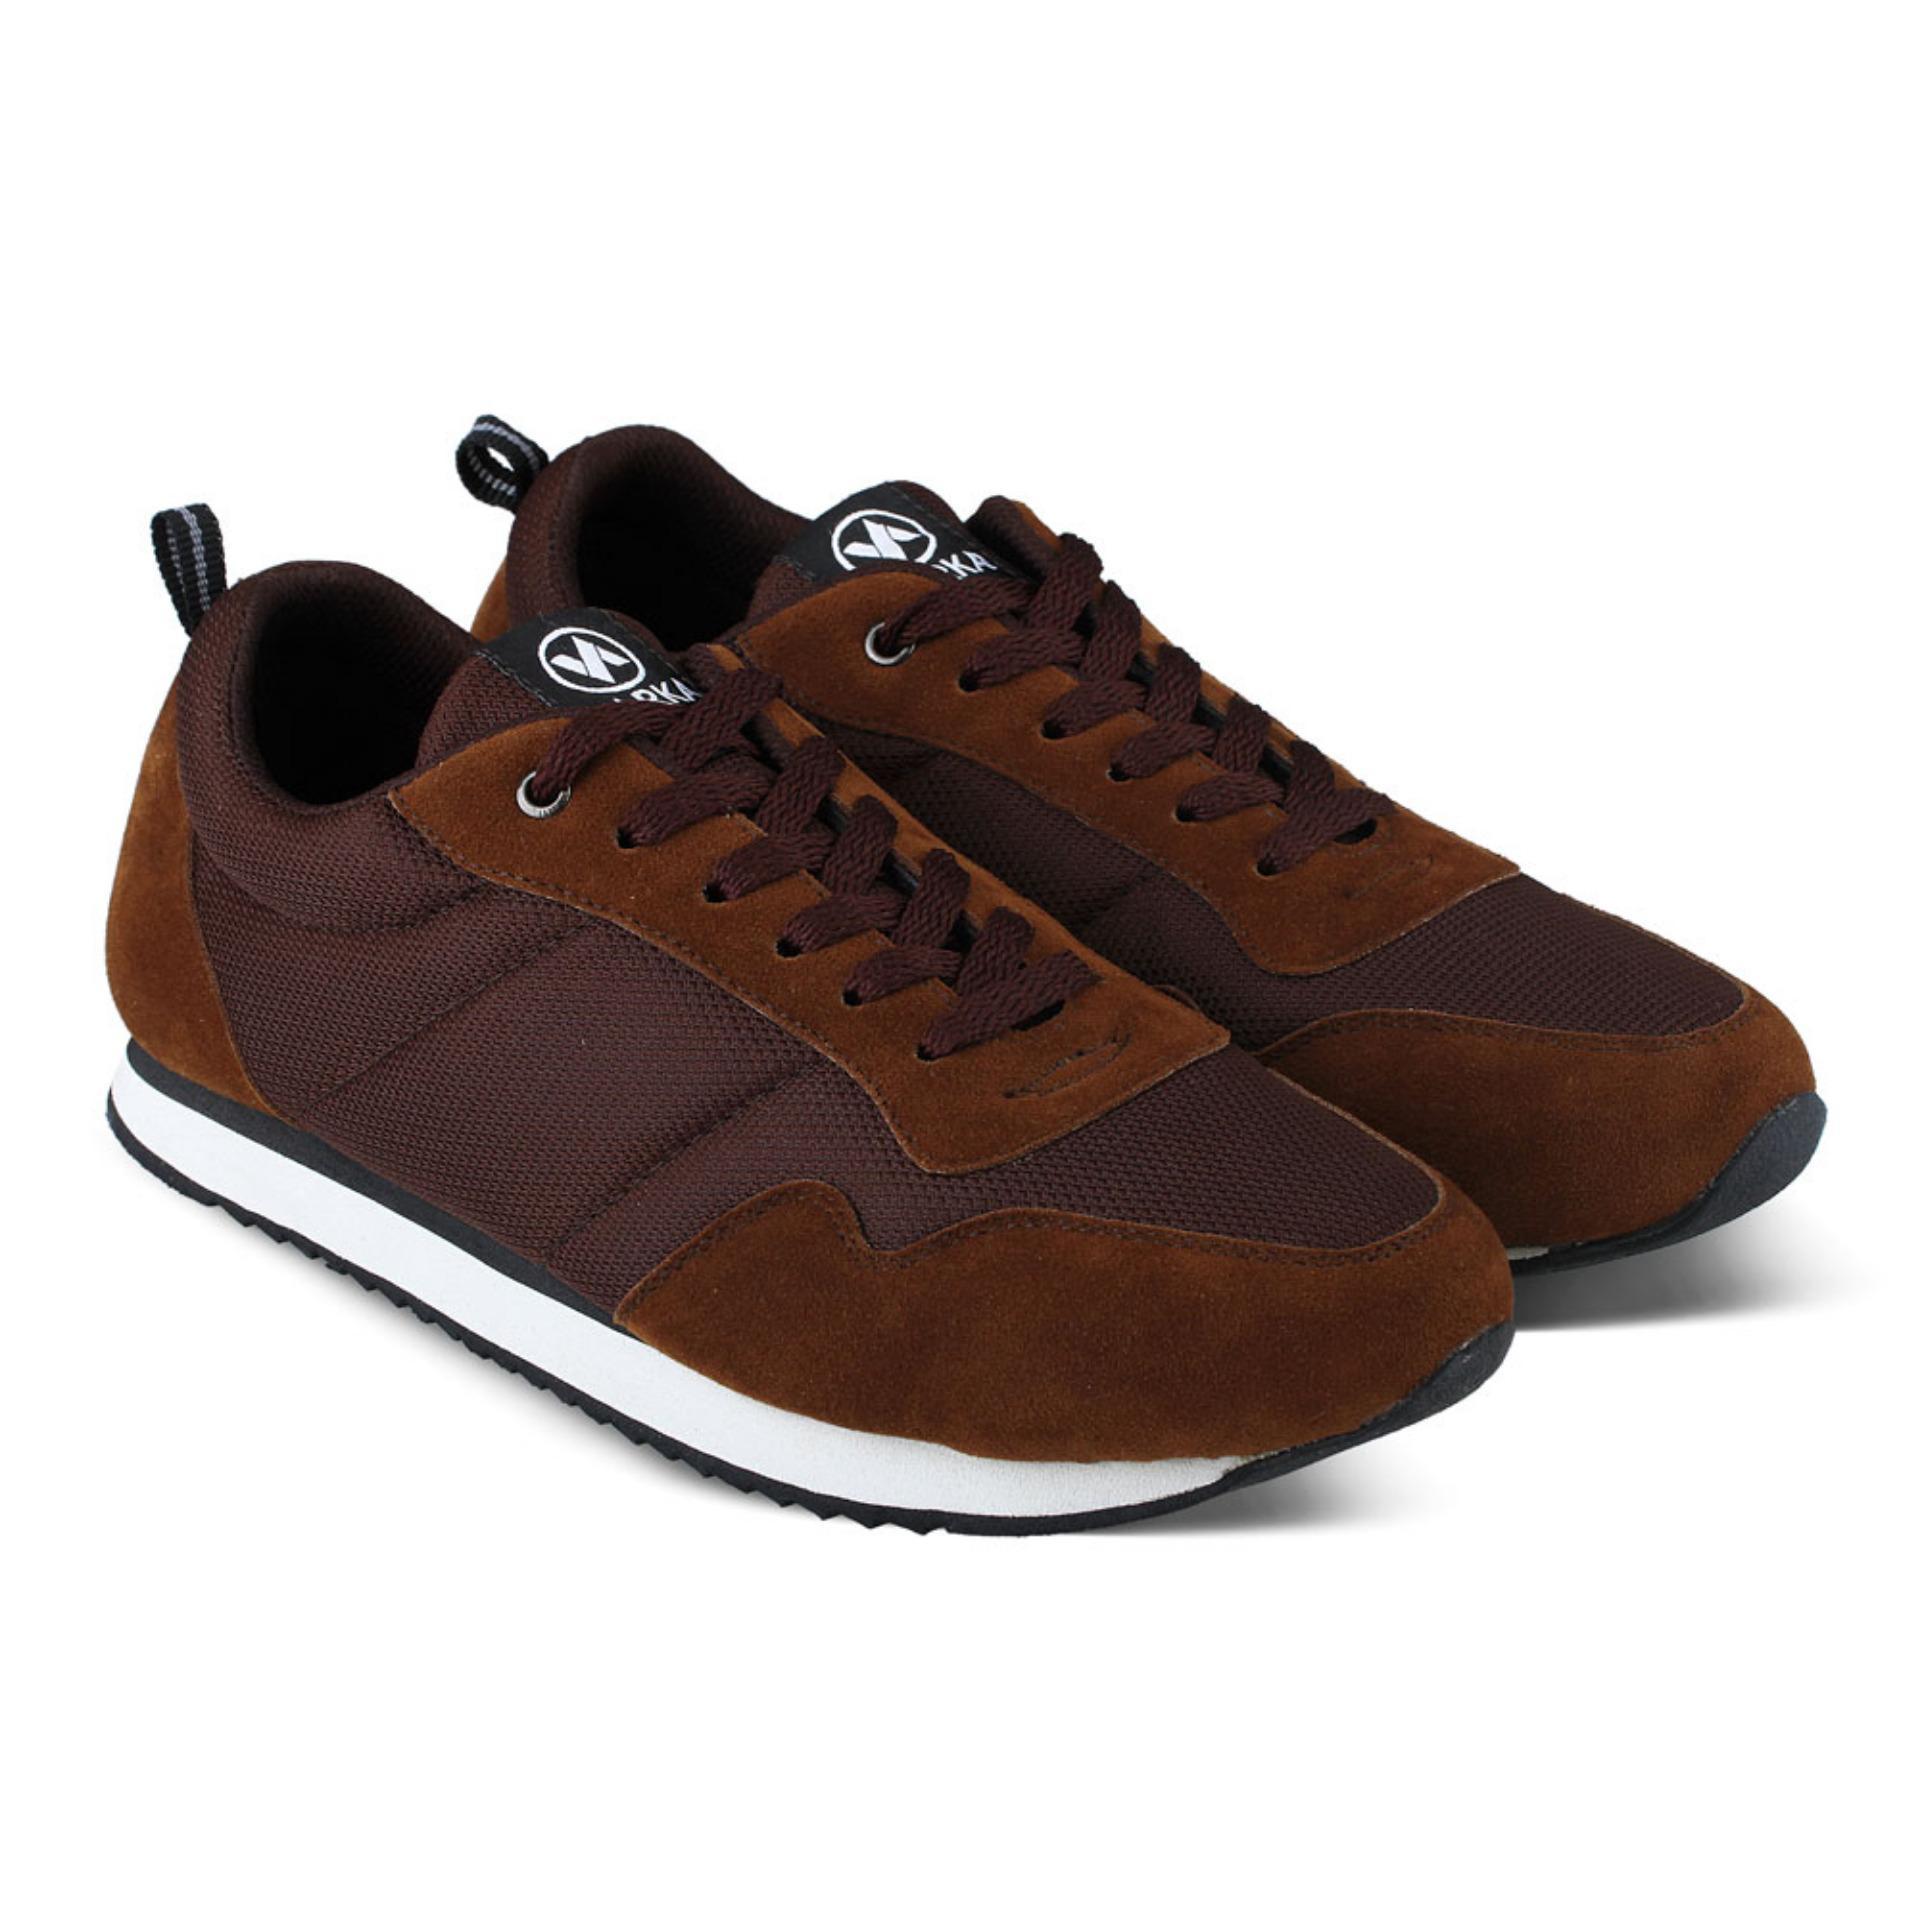 Sepatu VDB 459 Sepatu Sneaker kets dan Kasual Pria utk olahraga, joging lari, jalan, kuliah, kerja, sekolah - Coklat